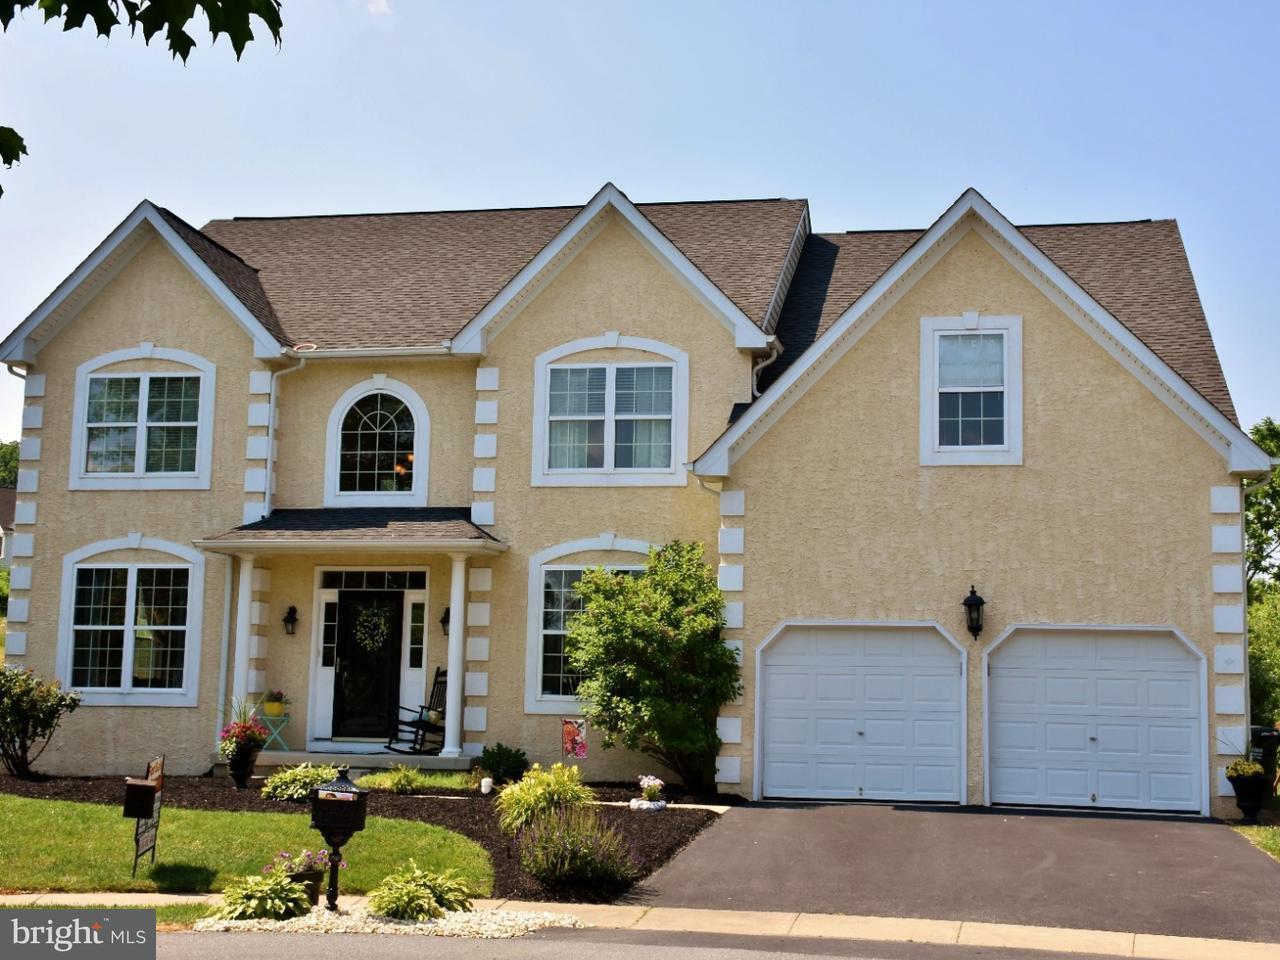 Частный односемейный дом для того Продажа на 605 HEATHERBROOK Court Avondale, Пенсильвания 19311 Соединенные Штаты